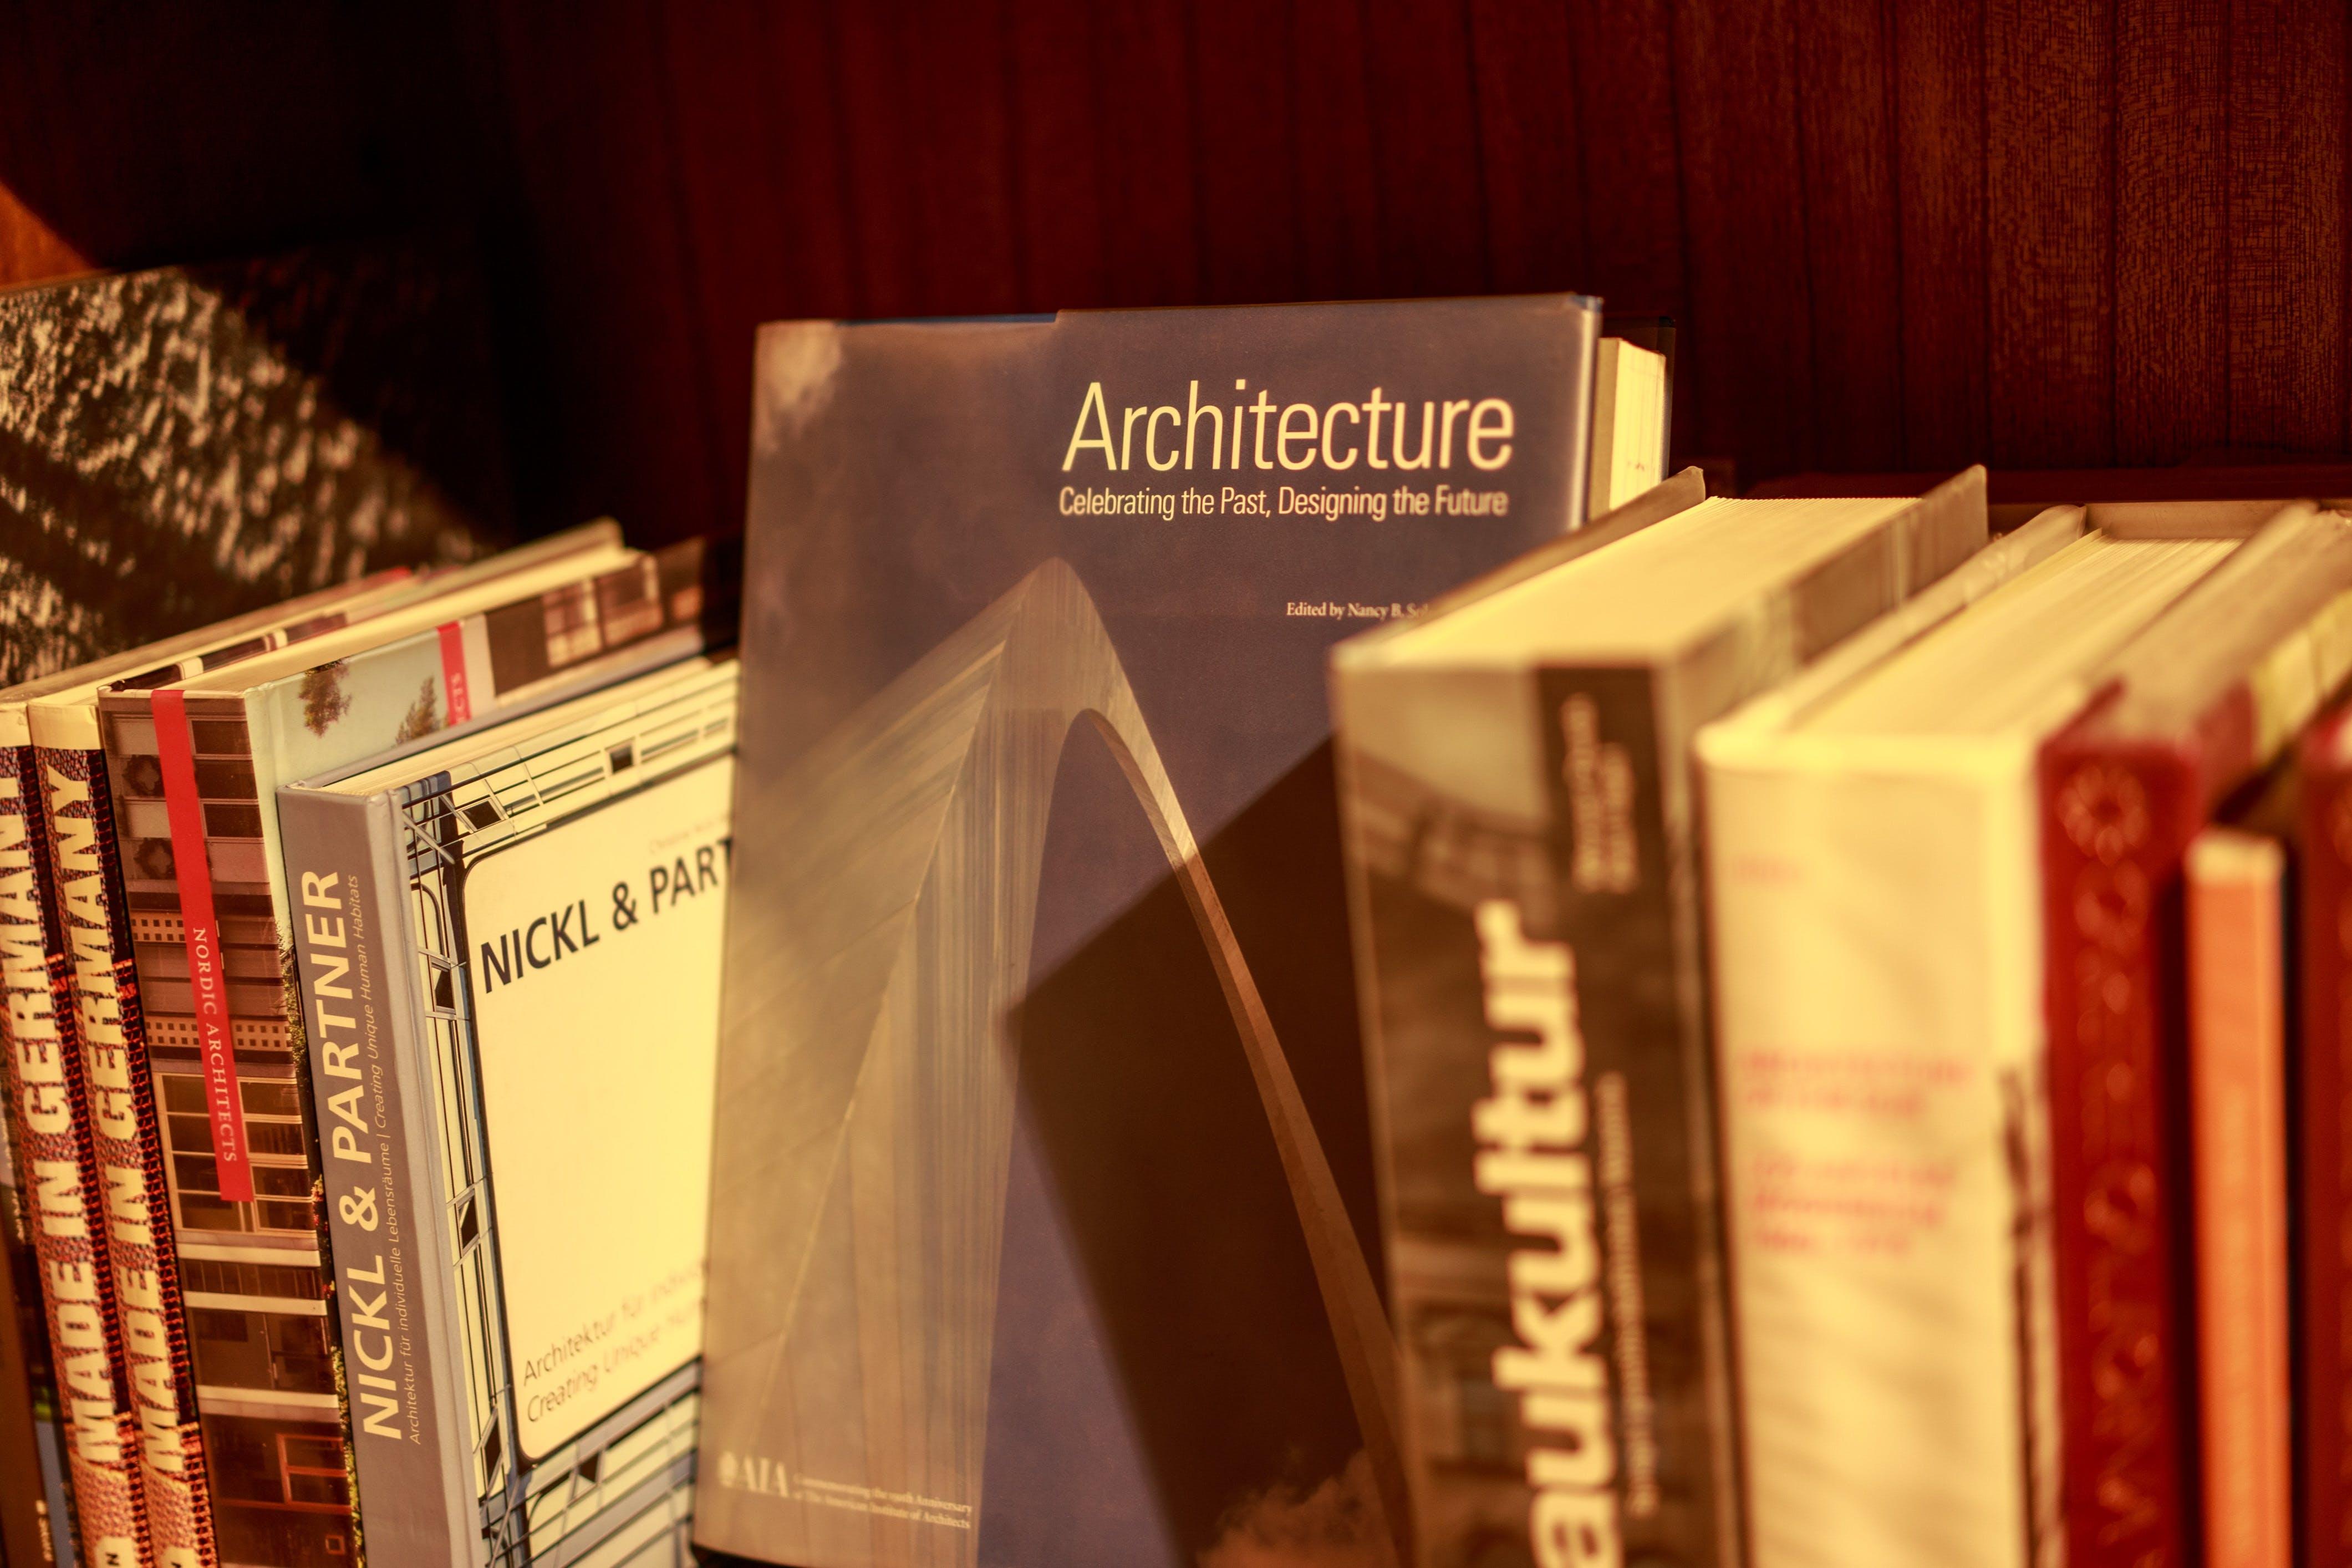 Kostnadsfri bild av böcker, hylla, kunskap, litteratur